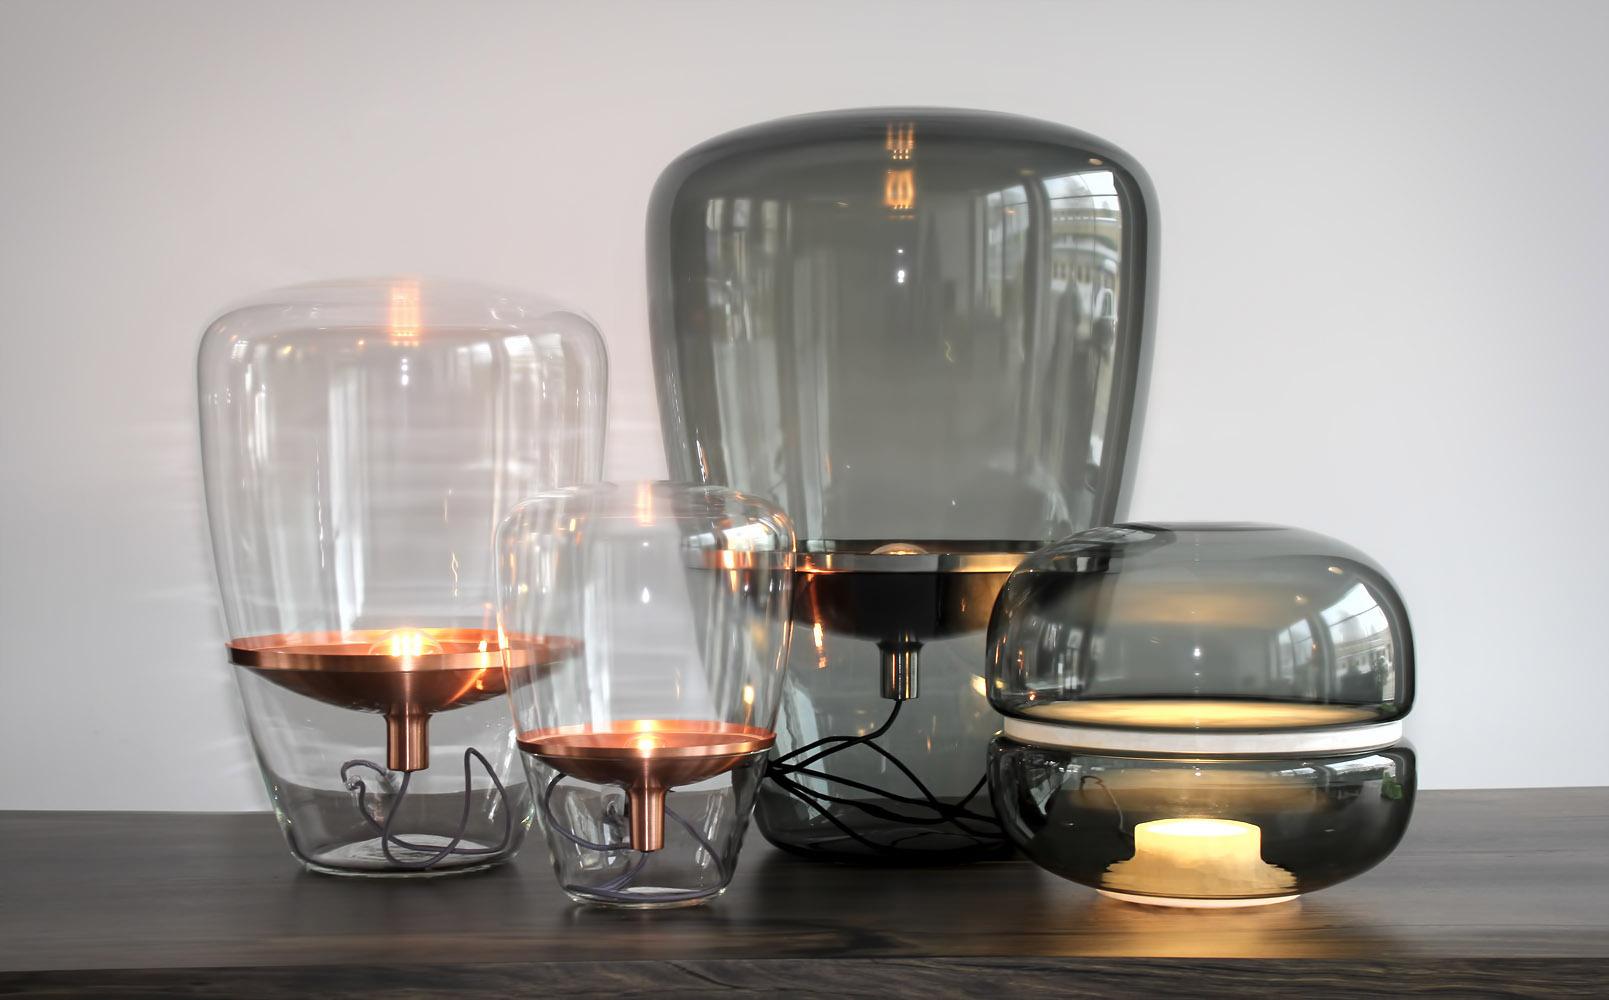 светильники Brokis - Лампы, светильники, люстры